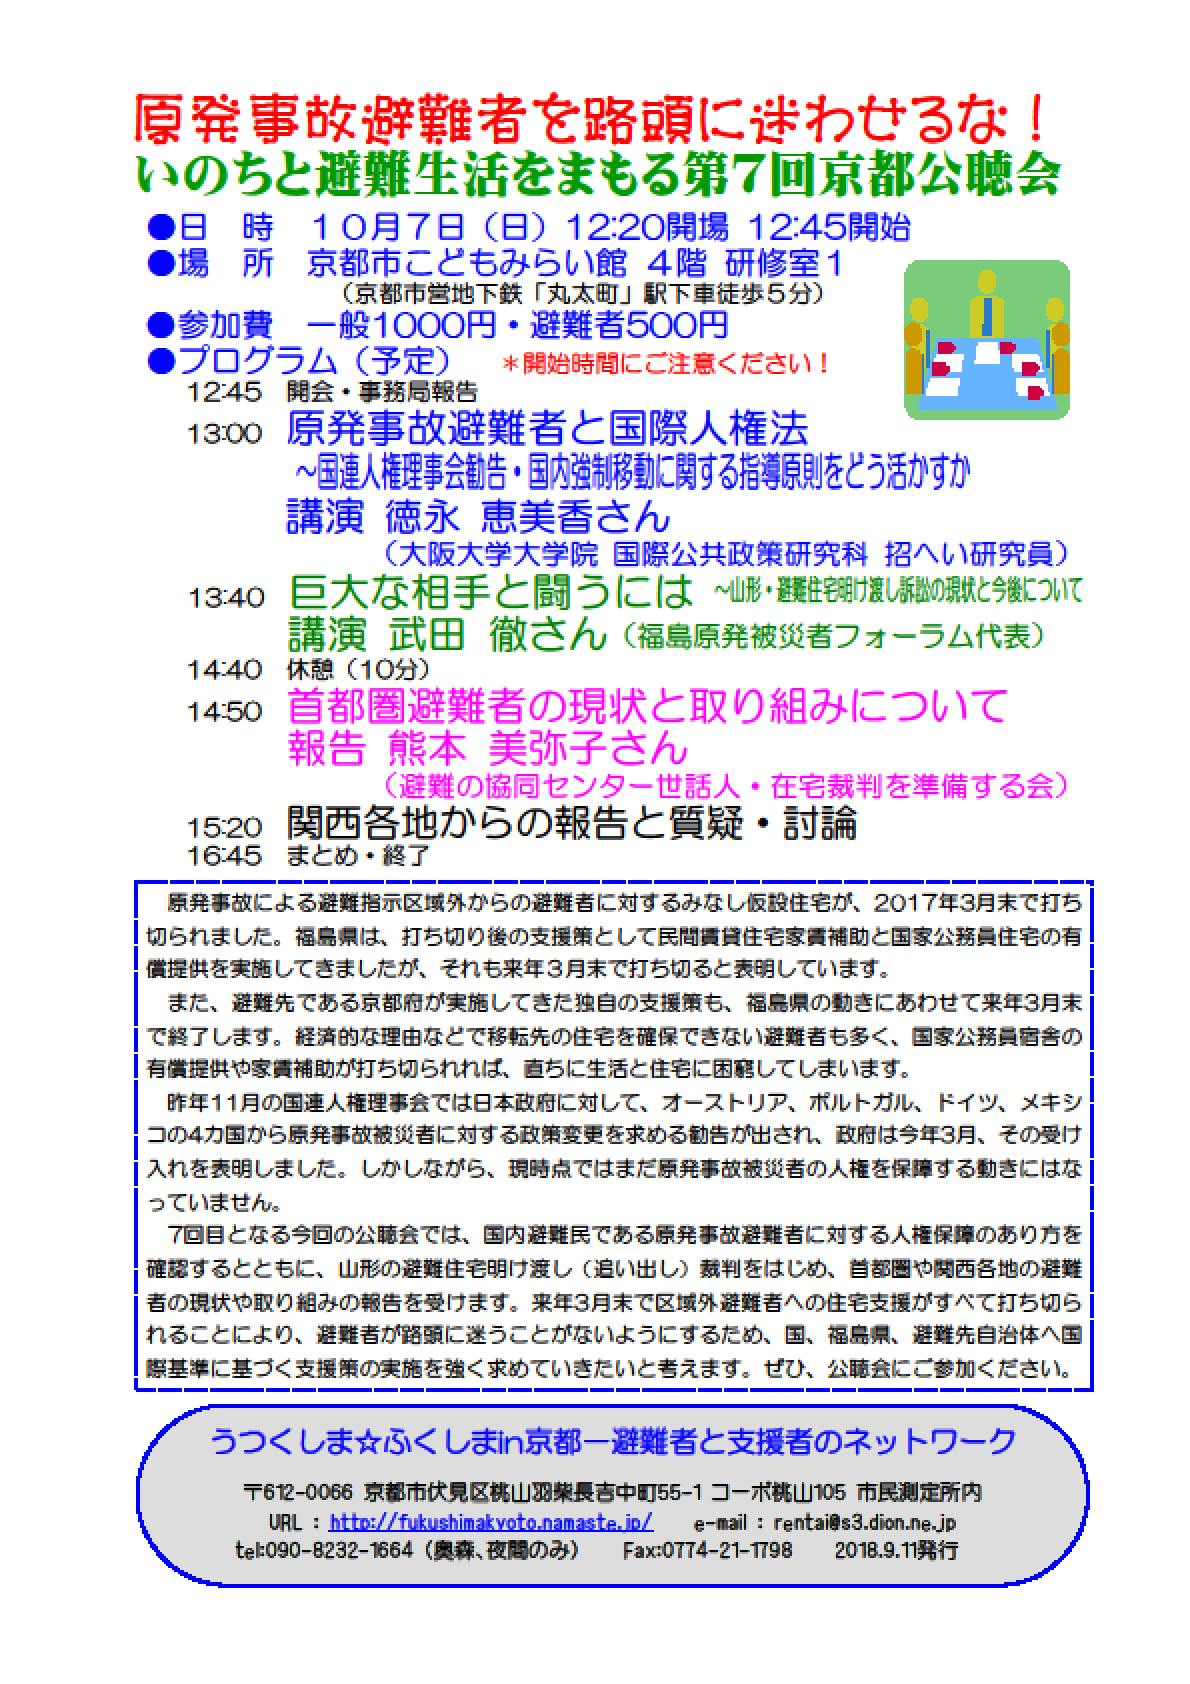 【ご案内】原発事故避難者を路頭に迷わせるな! いのちと避難生活をまもる第7回京都公聴会(10月7日(日)12:45開始・こどもみらい館)にご参加ください!_a0224877_16361994.png